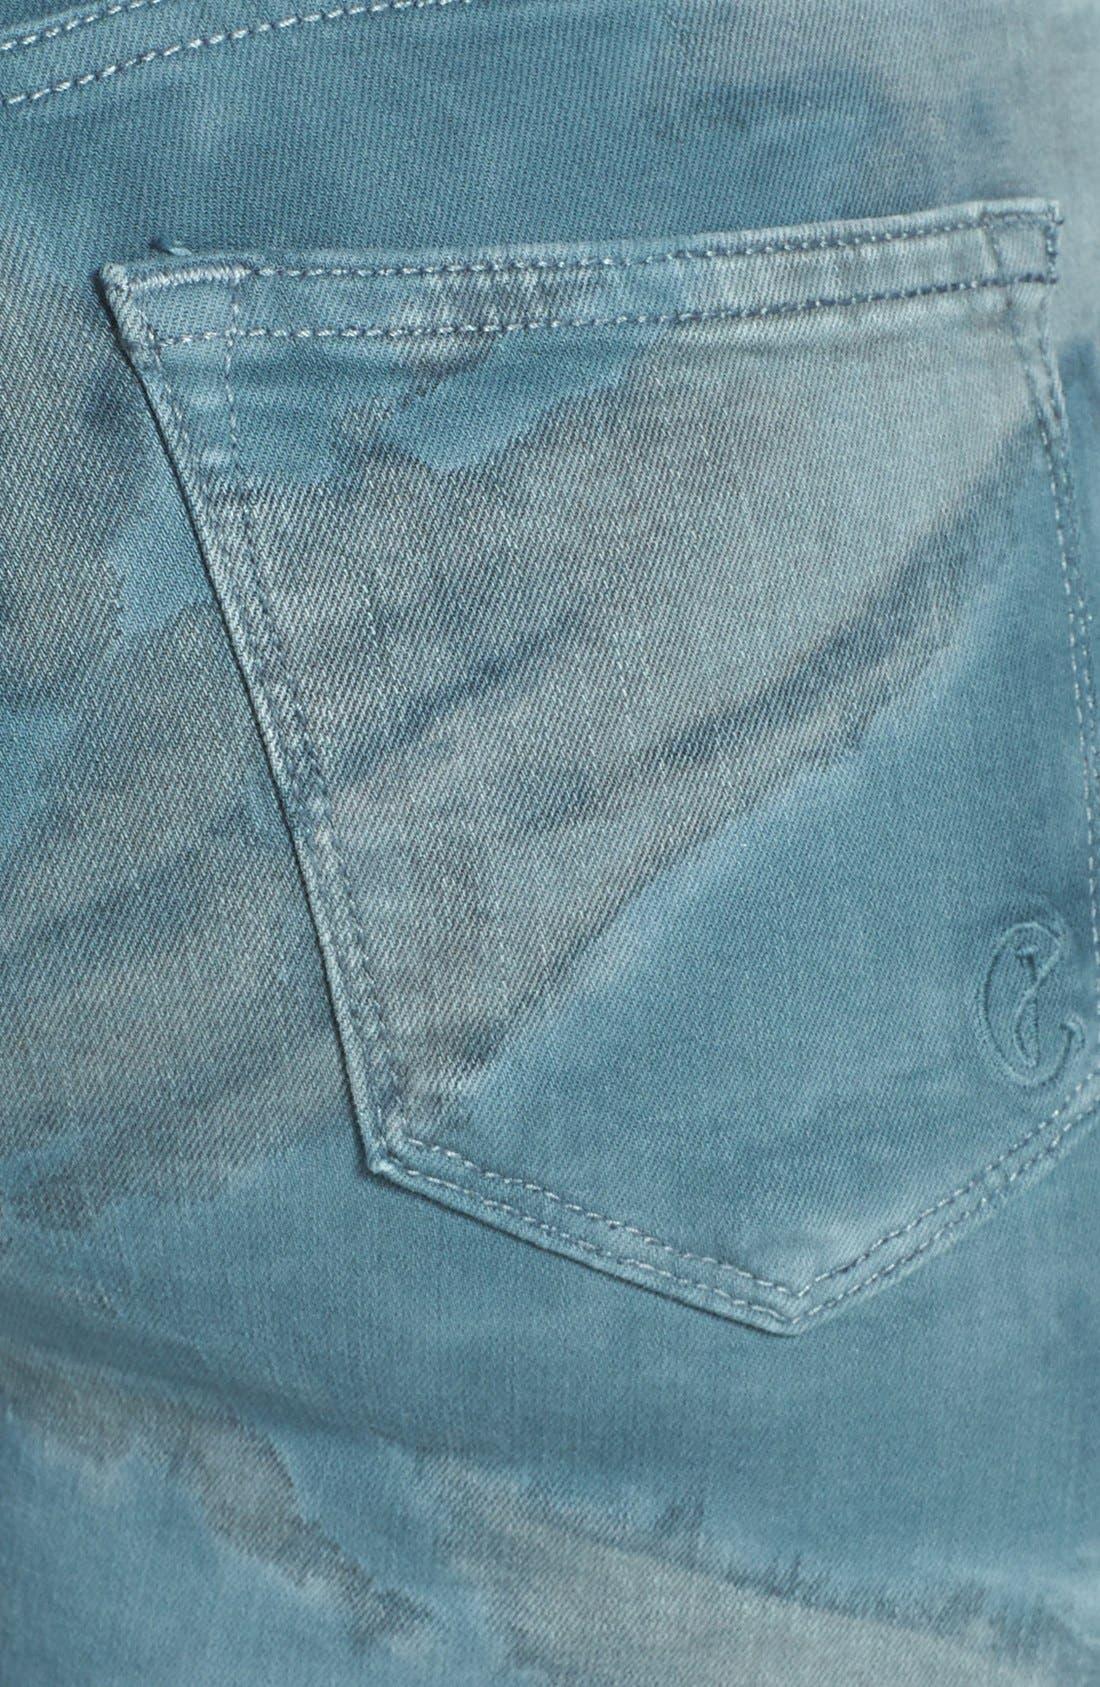 Alternate Image 3  - CJ by Cookie Johnson 'Wisdom' Ombré Tie Dye Ankle Skinny Jeans (Ocean)